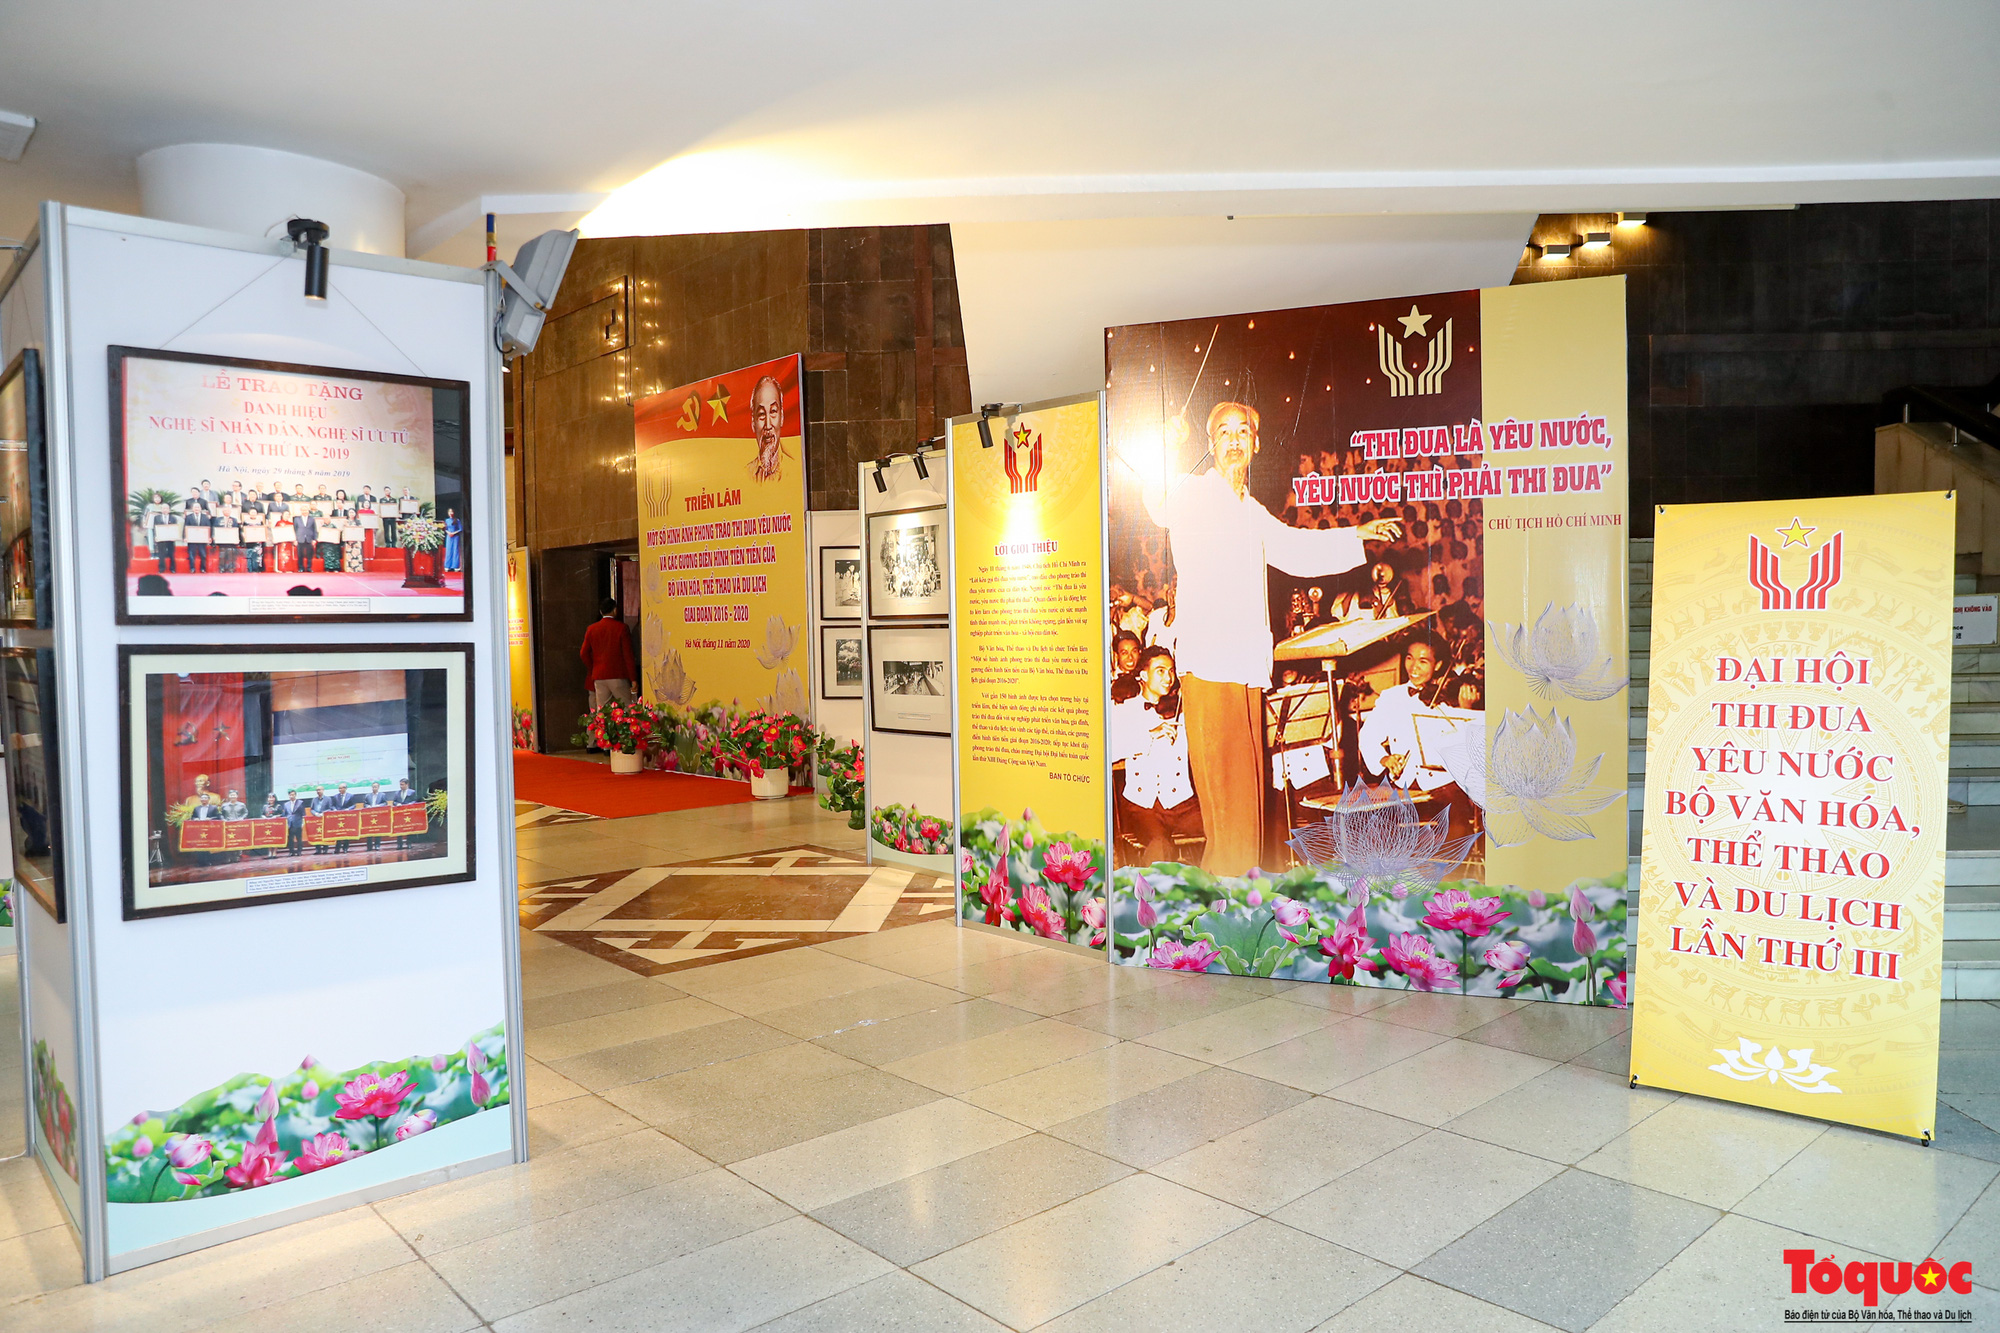 Chùm ảnh: Đại hội Thi đua yêu nước Bộ Văn hóa, Thể thao và Du lịch - Ảnh 20.